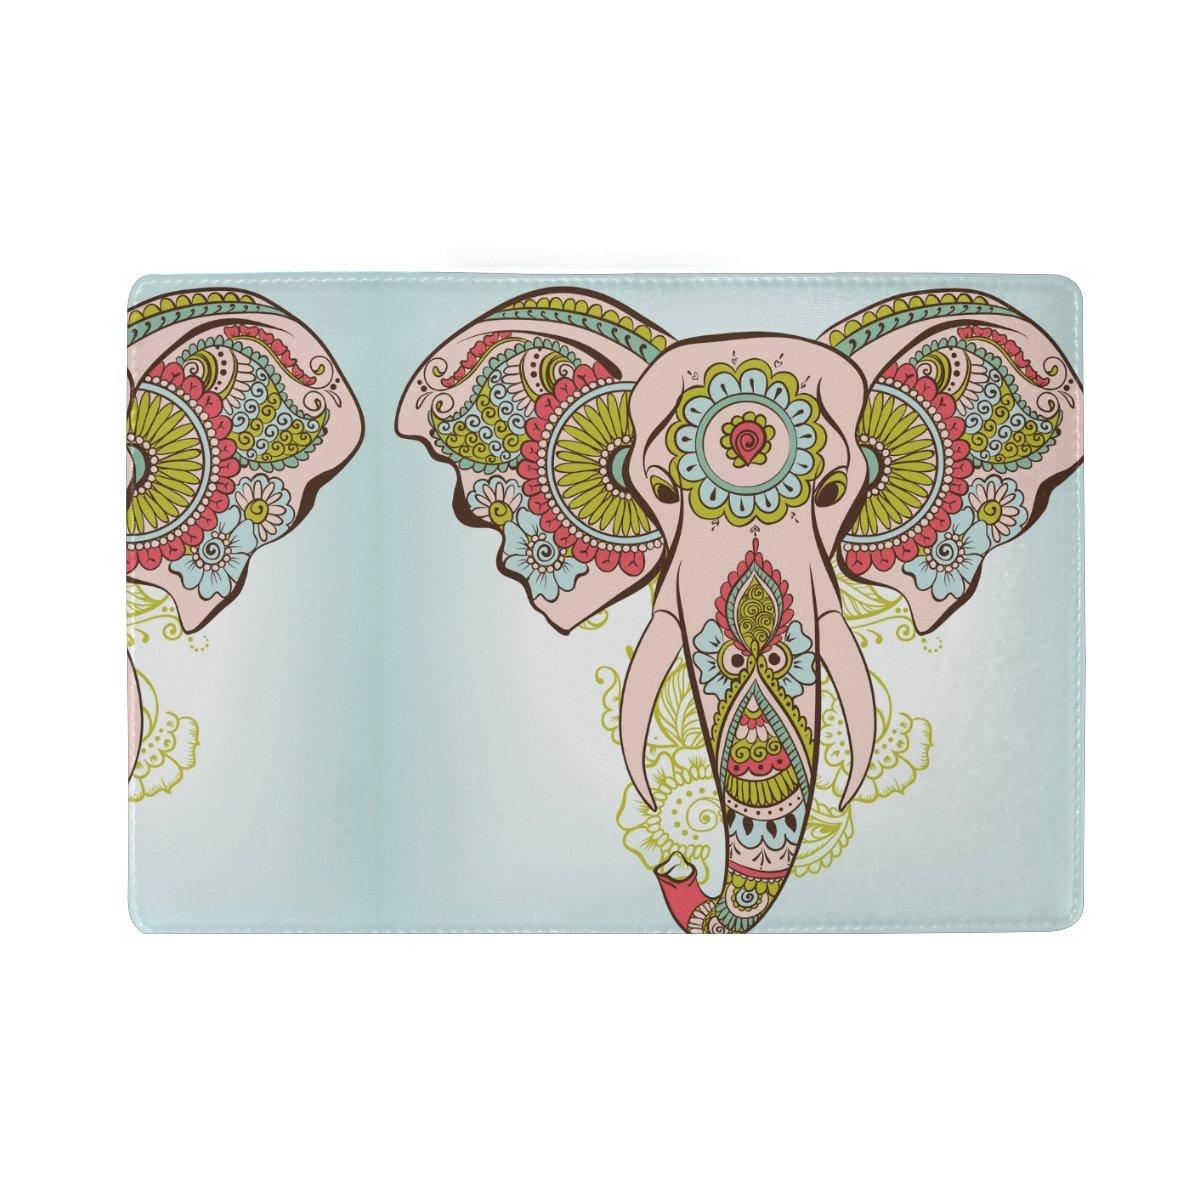 COOSUN Elefante en el pasaporte de piel cubierta de la caja titular indio de la alheña de viaje Un bolsillo Medio Multicolor: Amazon.es: Equipaje